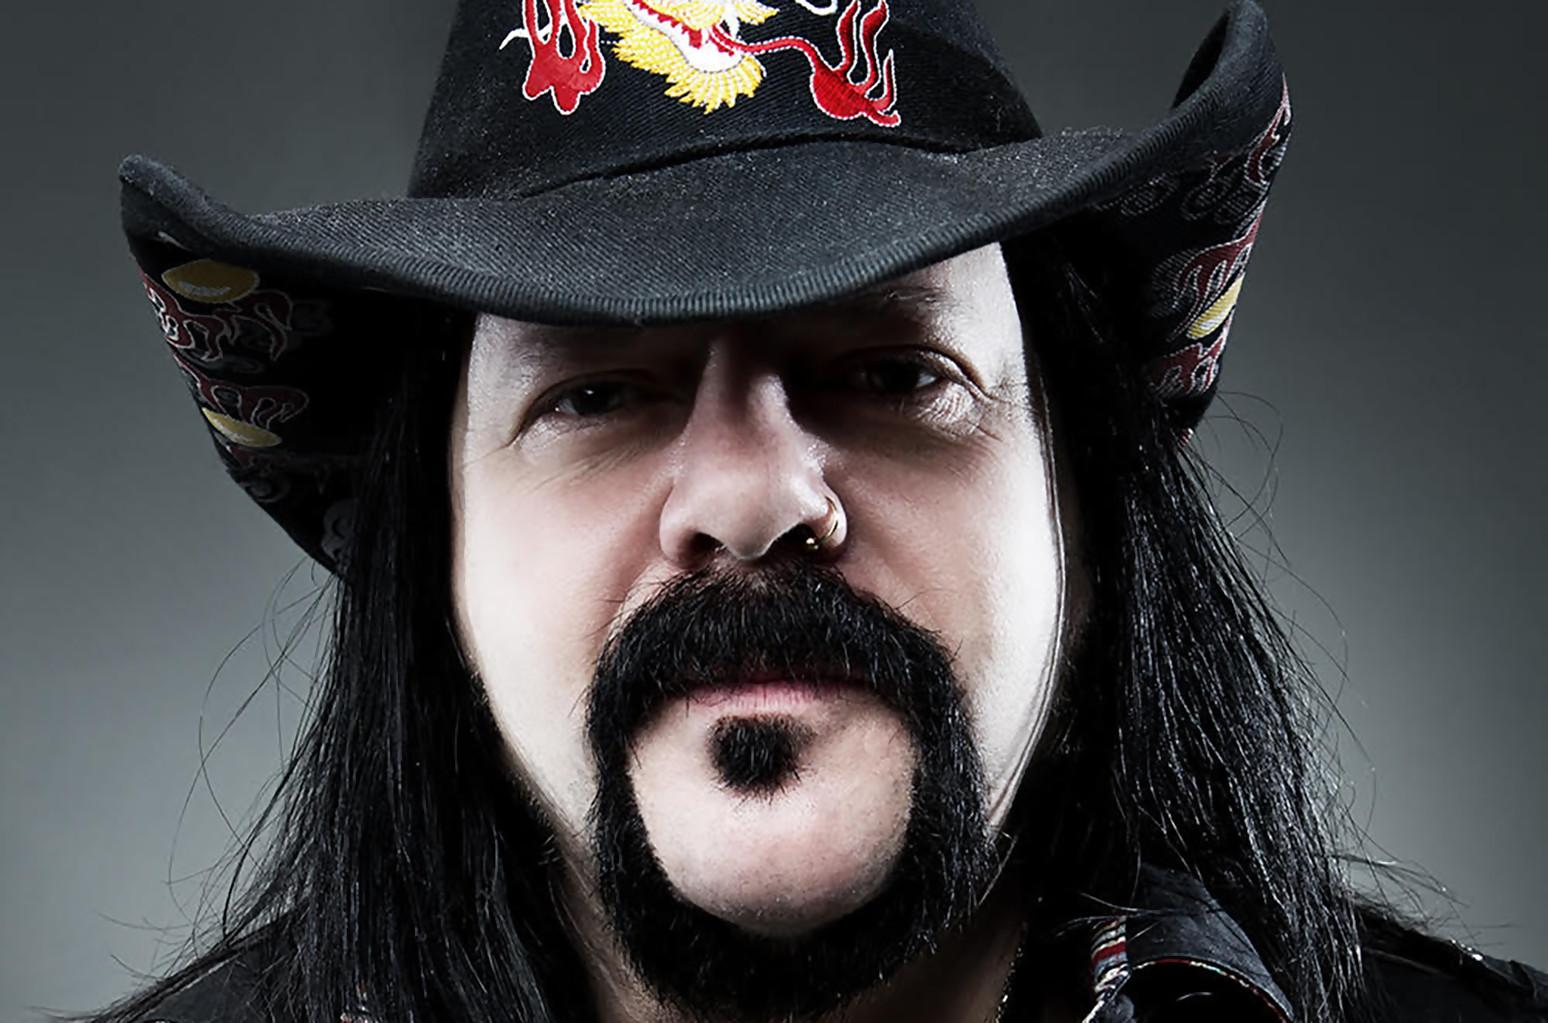 Le batteur Vinnie Paul, membre fondateur du groupe Pantera, est mort